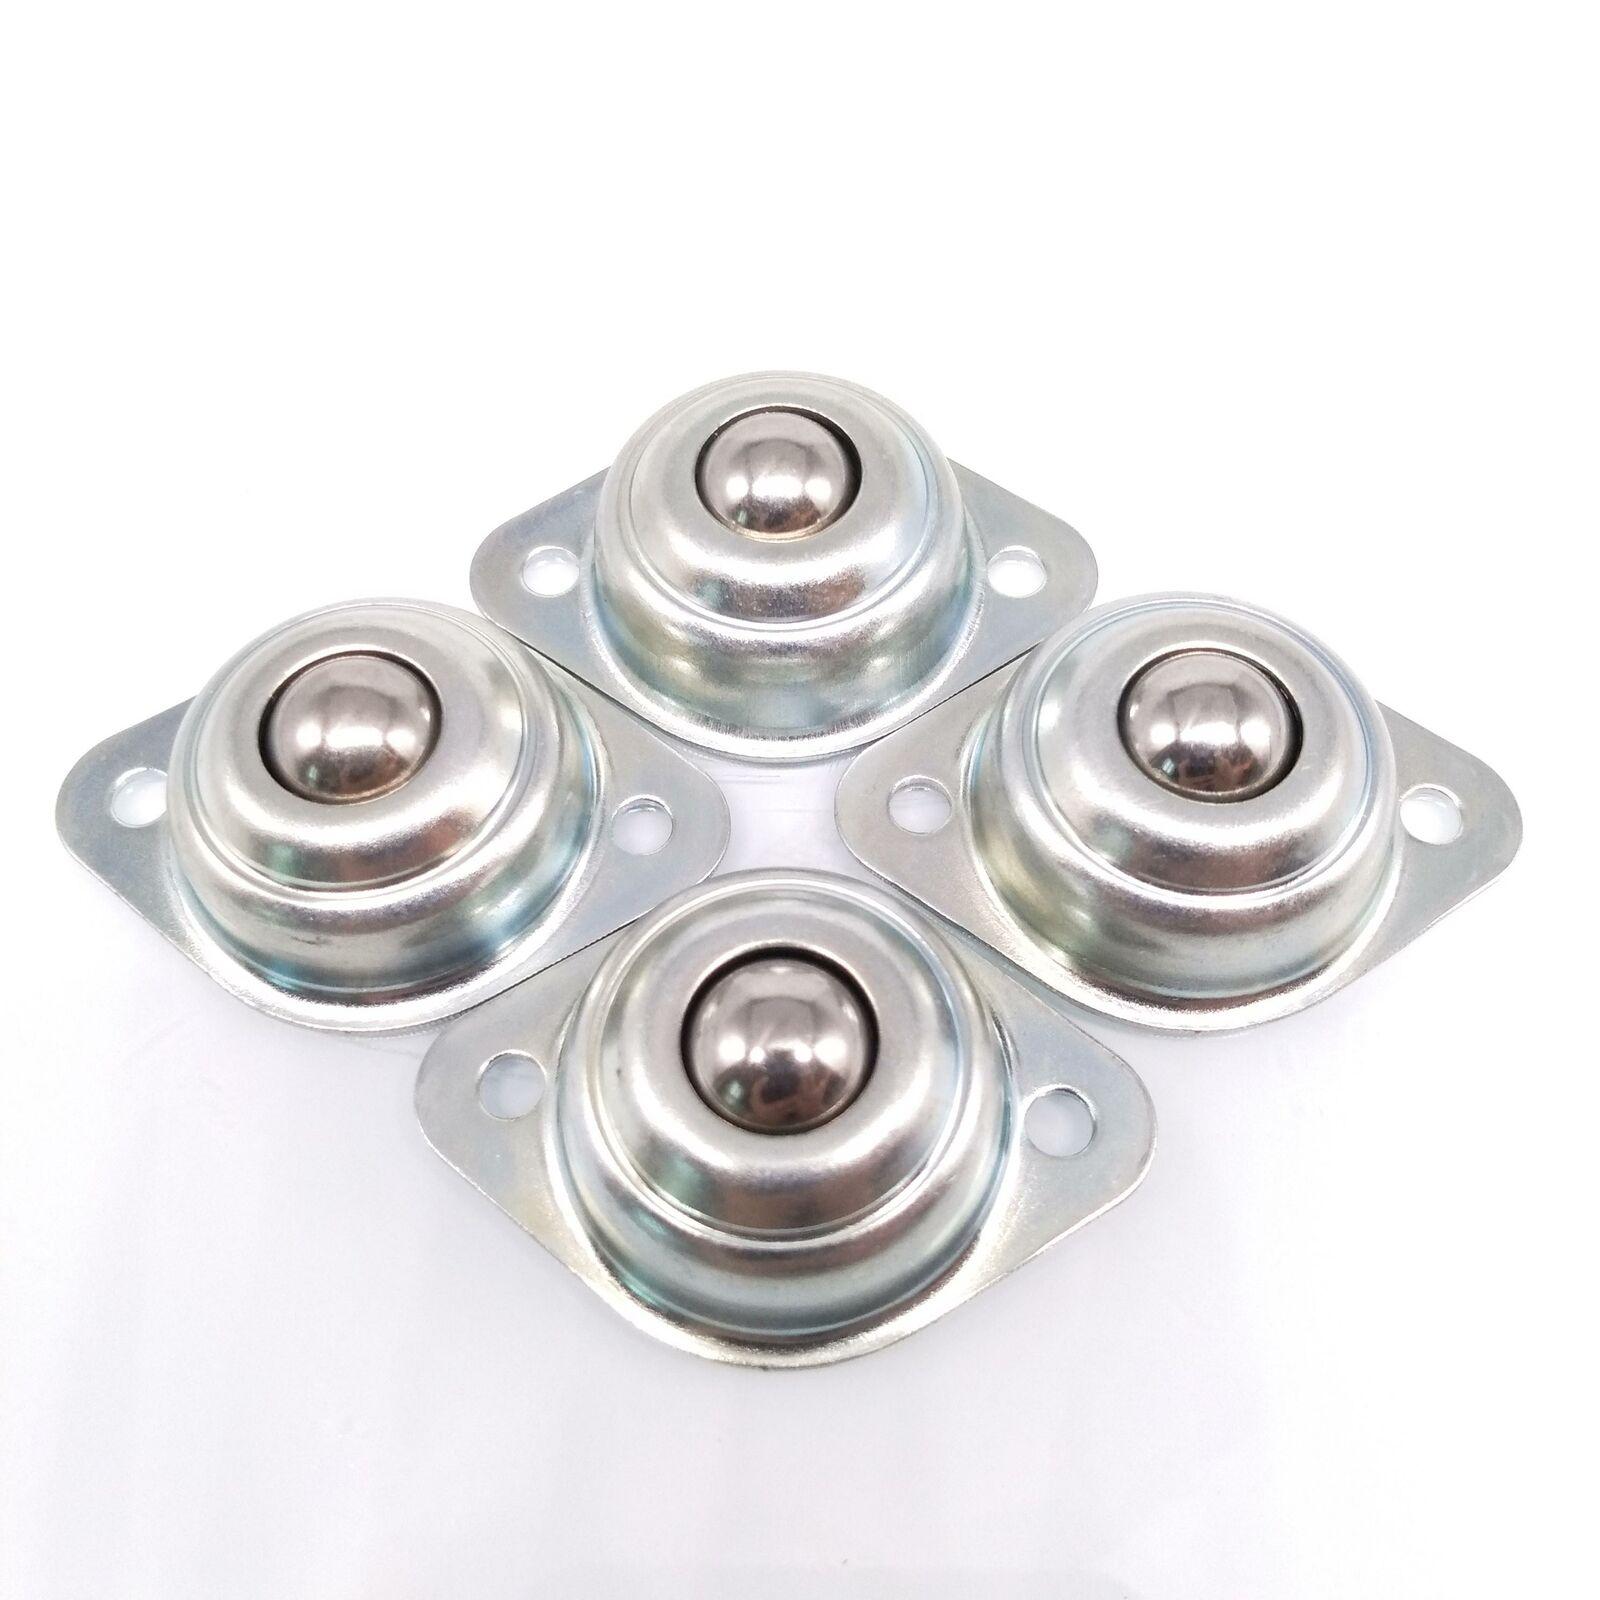 Steel Roller Ball Transfer Bearing Silver Ball 15mm Nylon